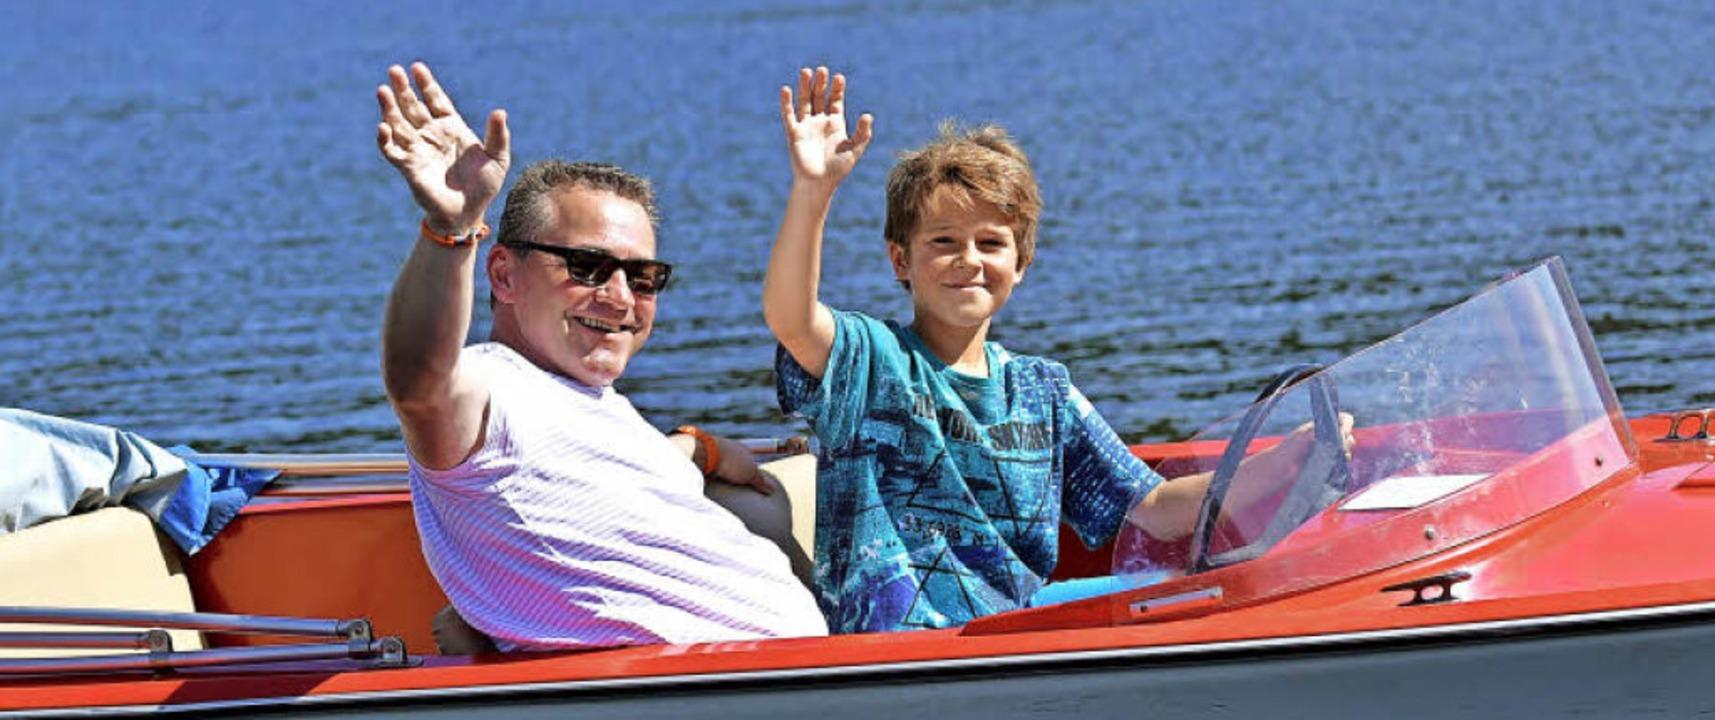 Wenn der Vater mit dem Sohne –  Urlaubskapitäne auf dem Schluchsee   | Foto: Wolfgang Scheu